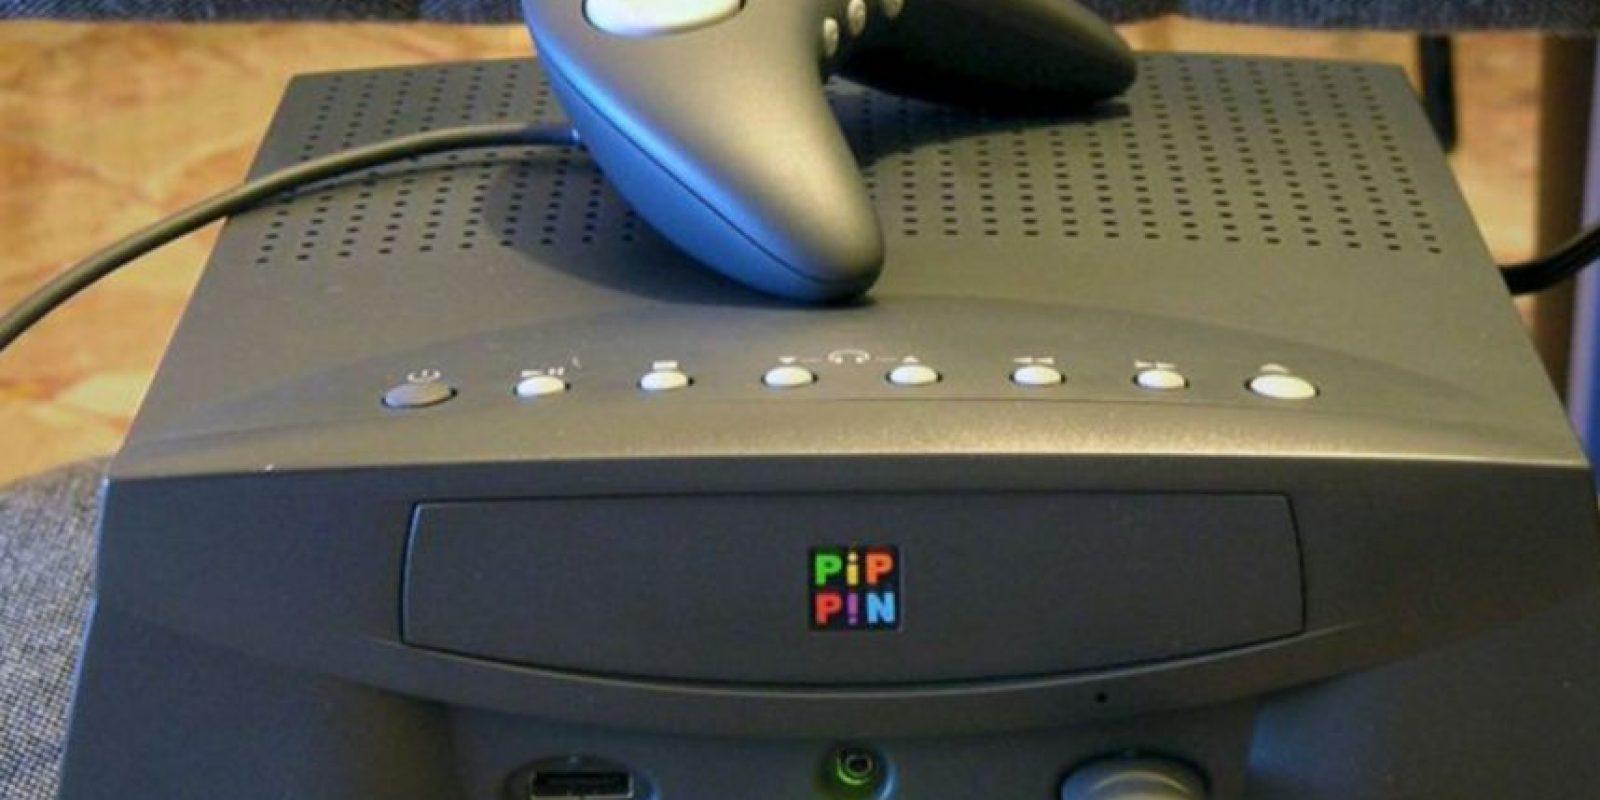 Este es Pippin, la consola de videojuegos de Apple. Creada en 1995 se vio opacada por Nintendo y Sony Foto:Wikicommons